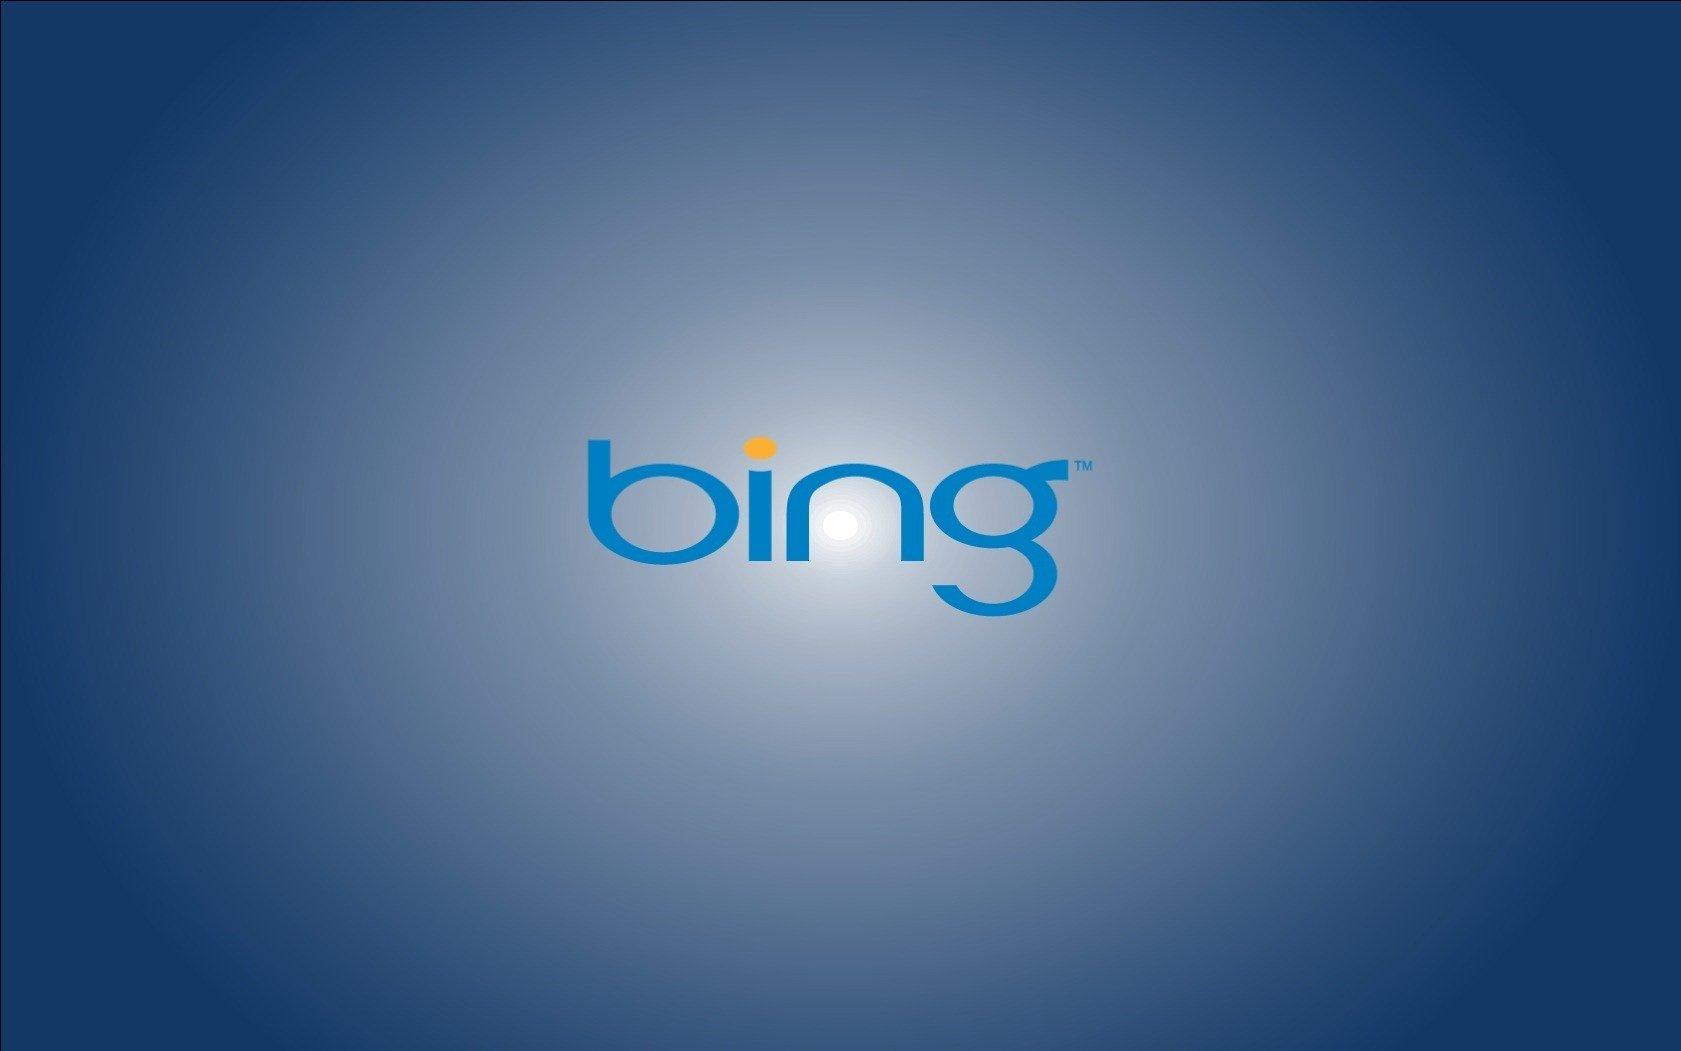 """301 peradresavimai nepadeda išsaugoti infosrauto iš """"Bing"""" ir """"Yahoo"""""""